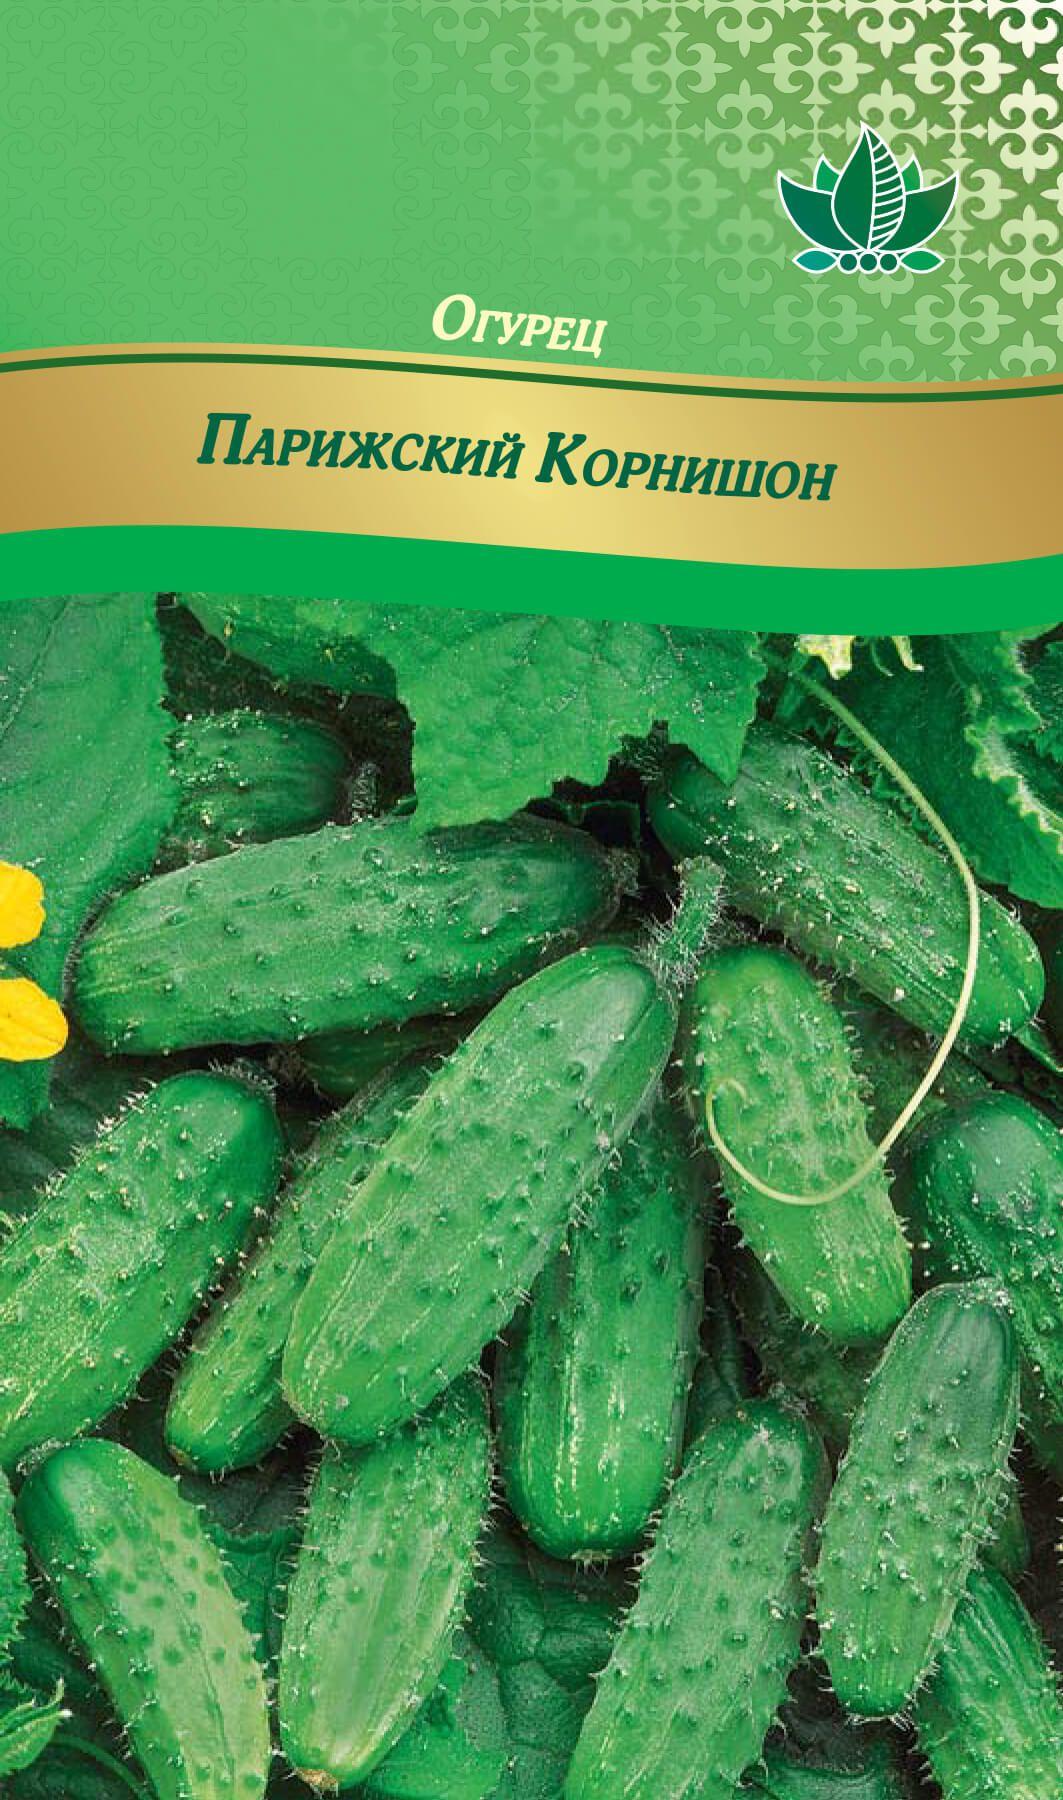 Огурцы корнишоны: описание сортов с фото для открытого грунта и теплицы с фото